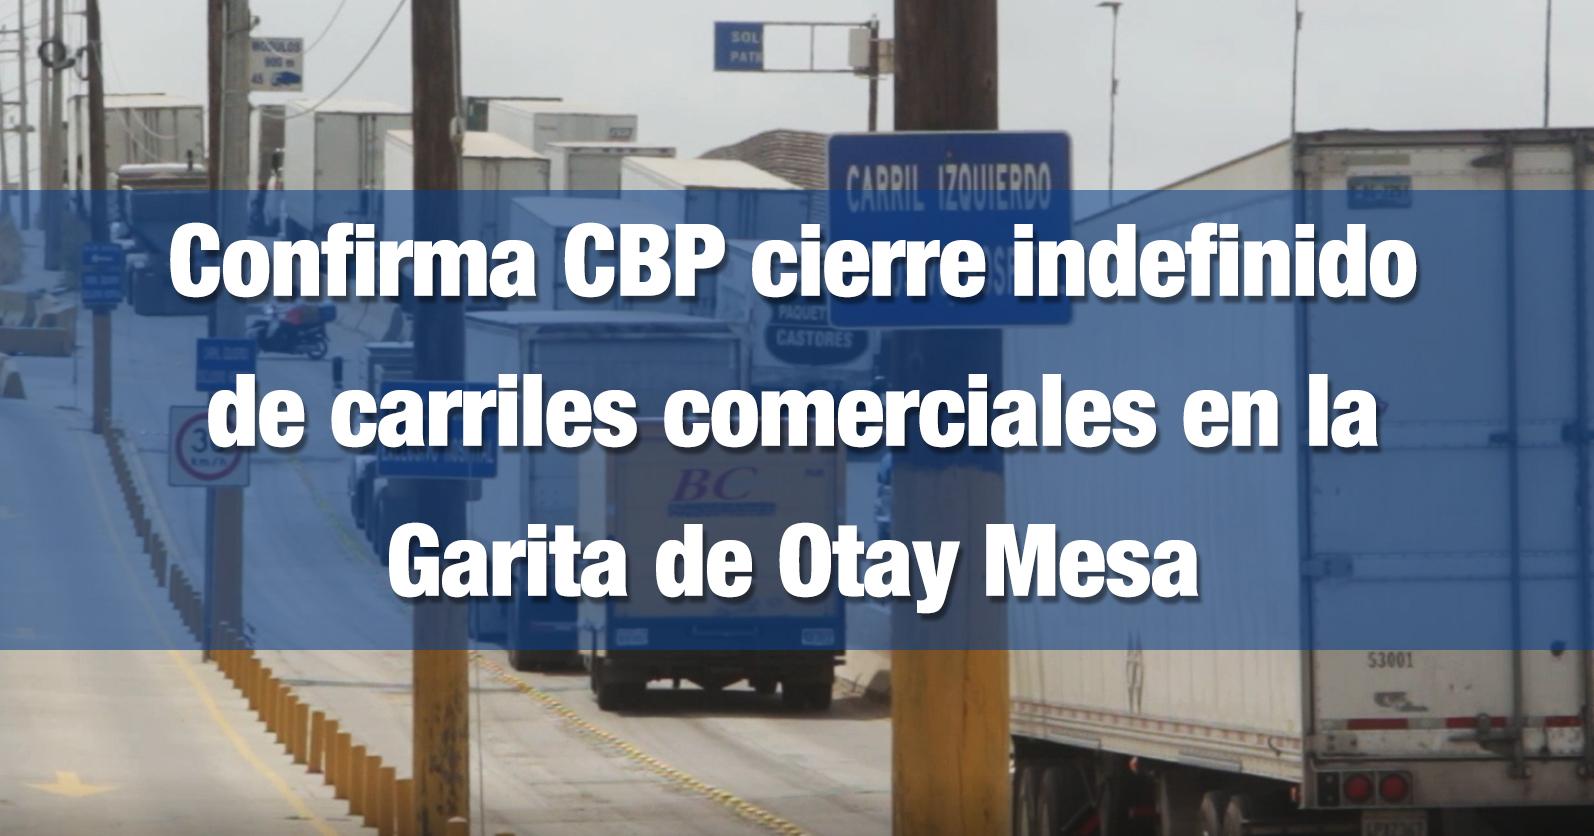 Confirma CBP cierre indefinido de carriles comerciales en la Garita de Otay Mesa